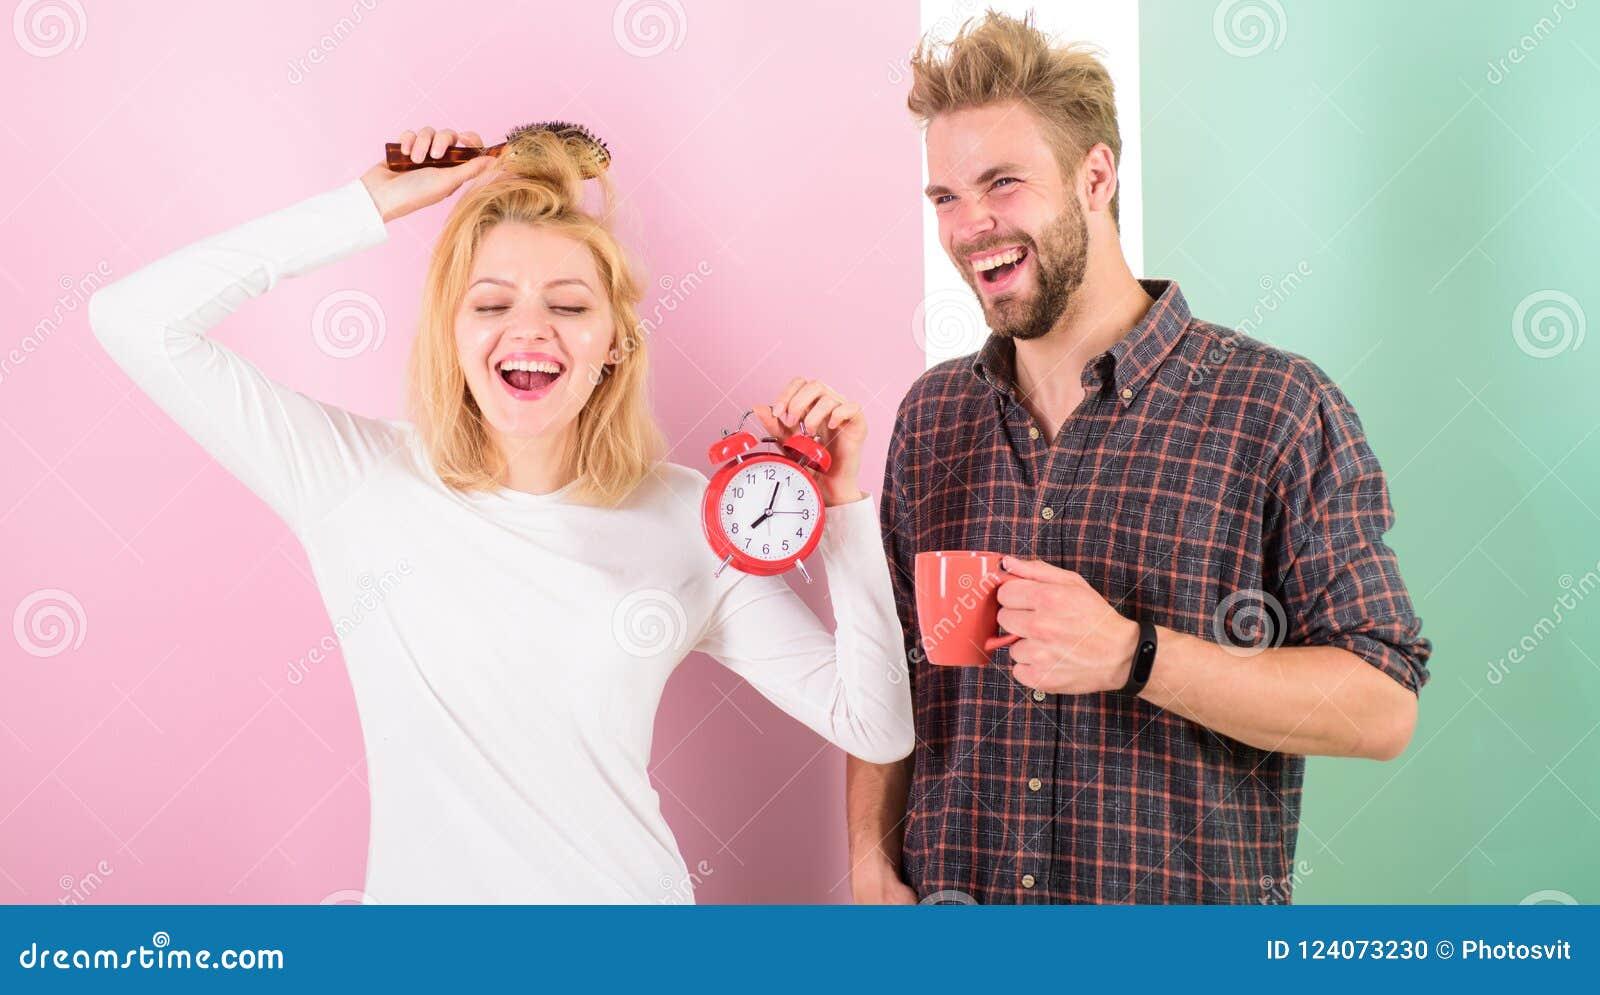 Soñoliento pero feliz Forma de vida sana viva del régimen de la familia Comience el café rutinario agradable de la bebida del día